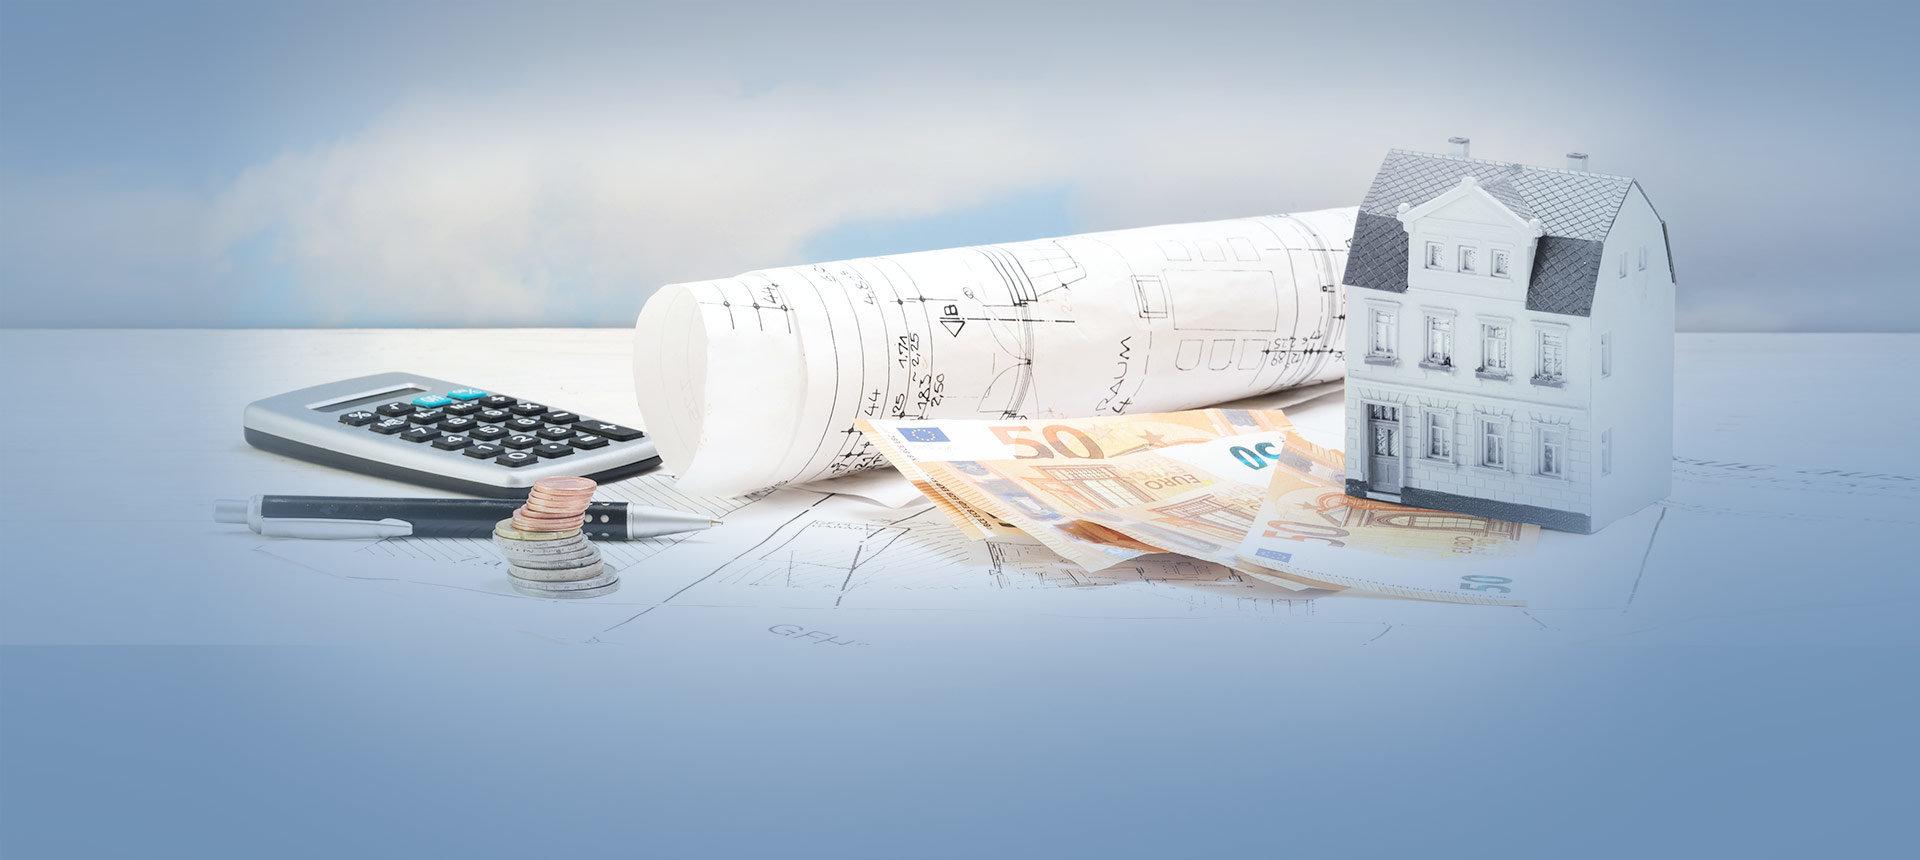 Finanzierungsanfrage